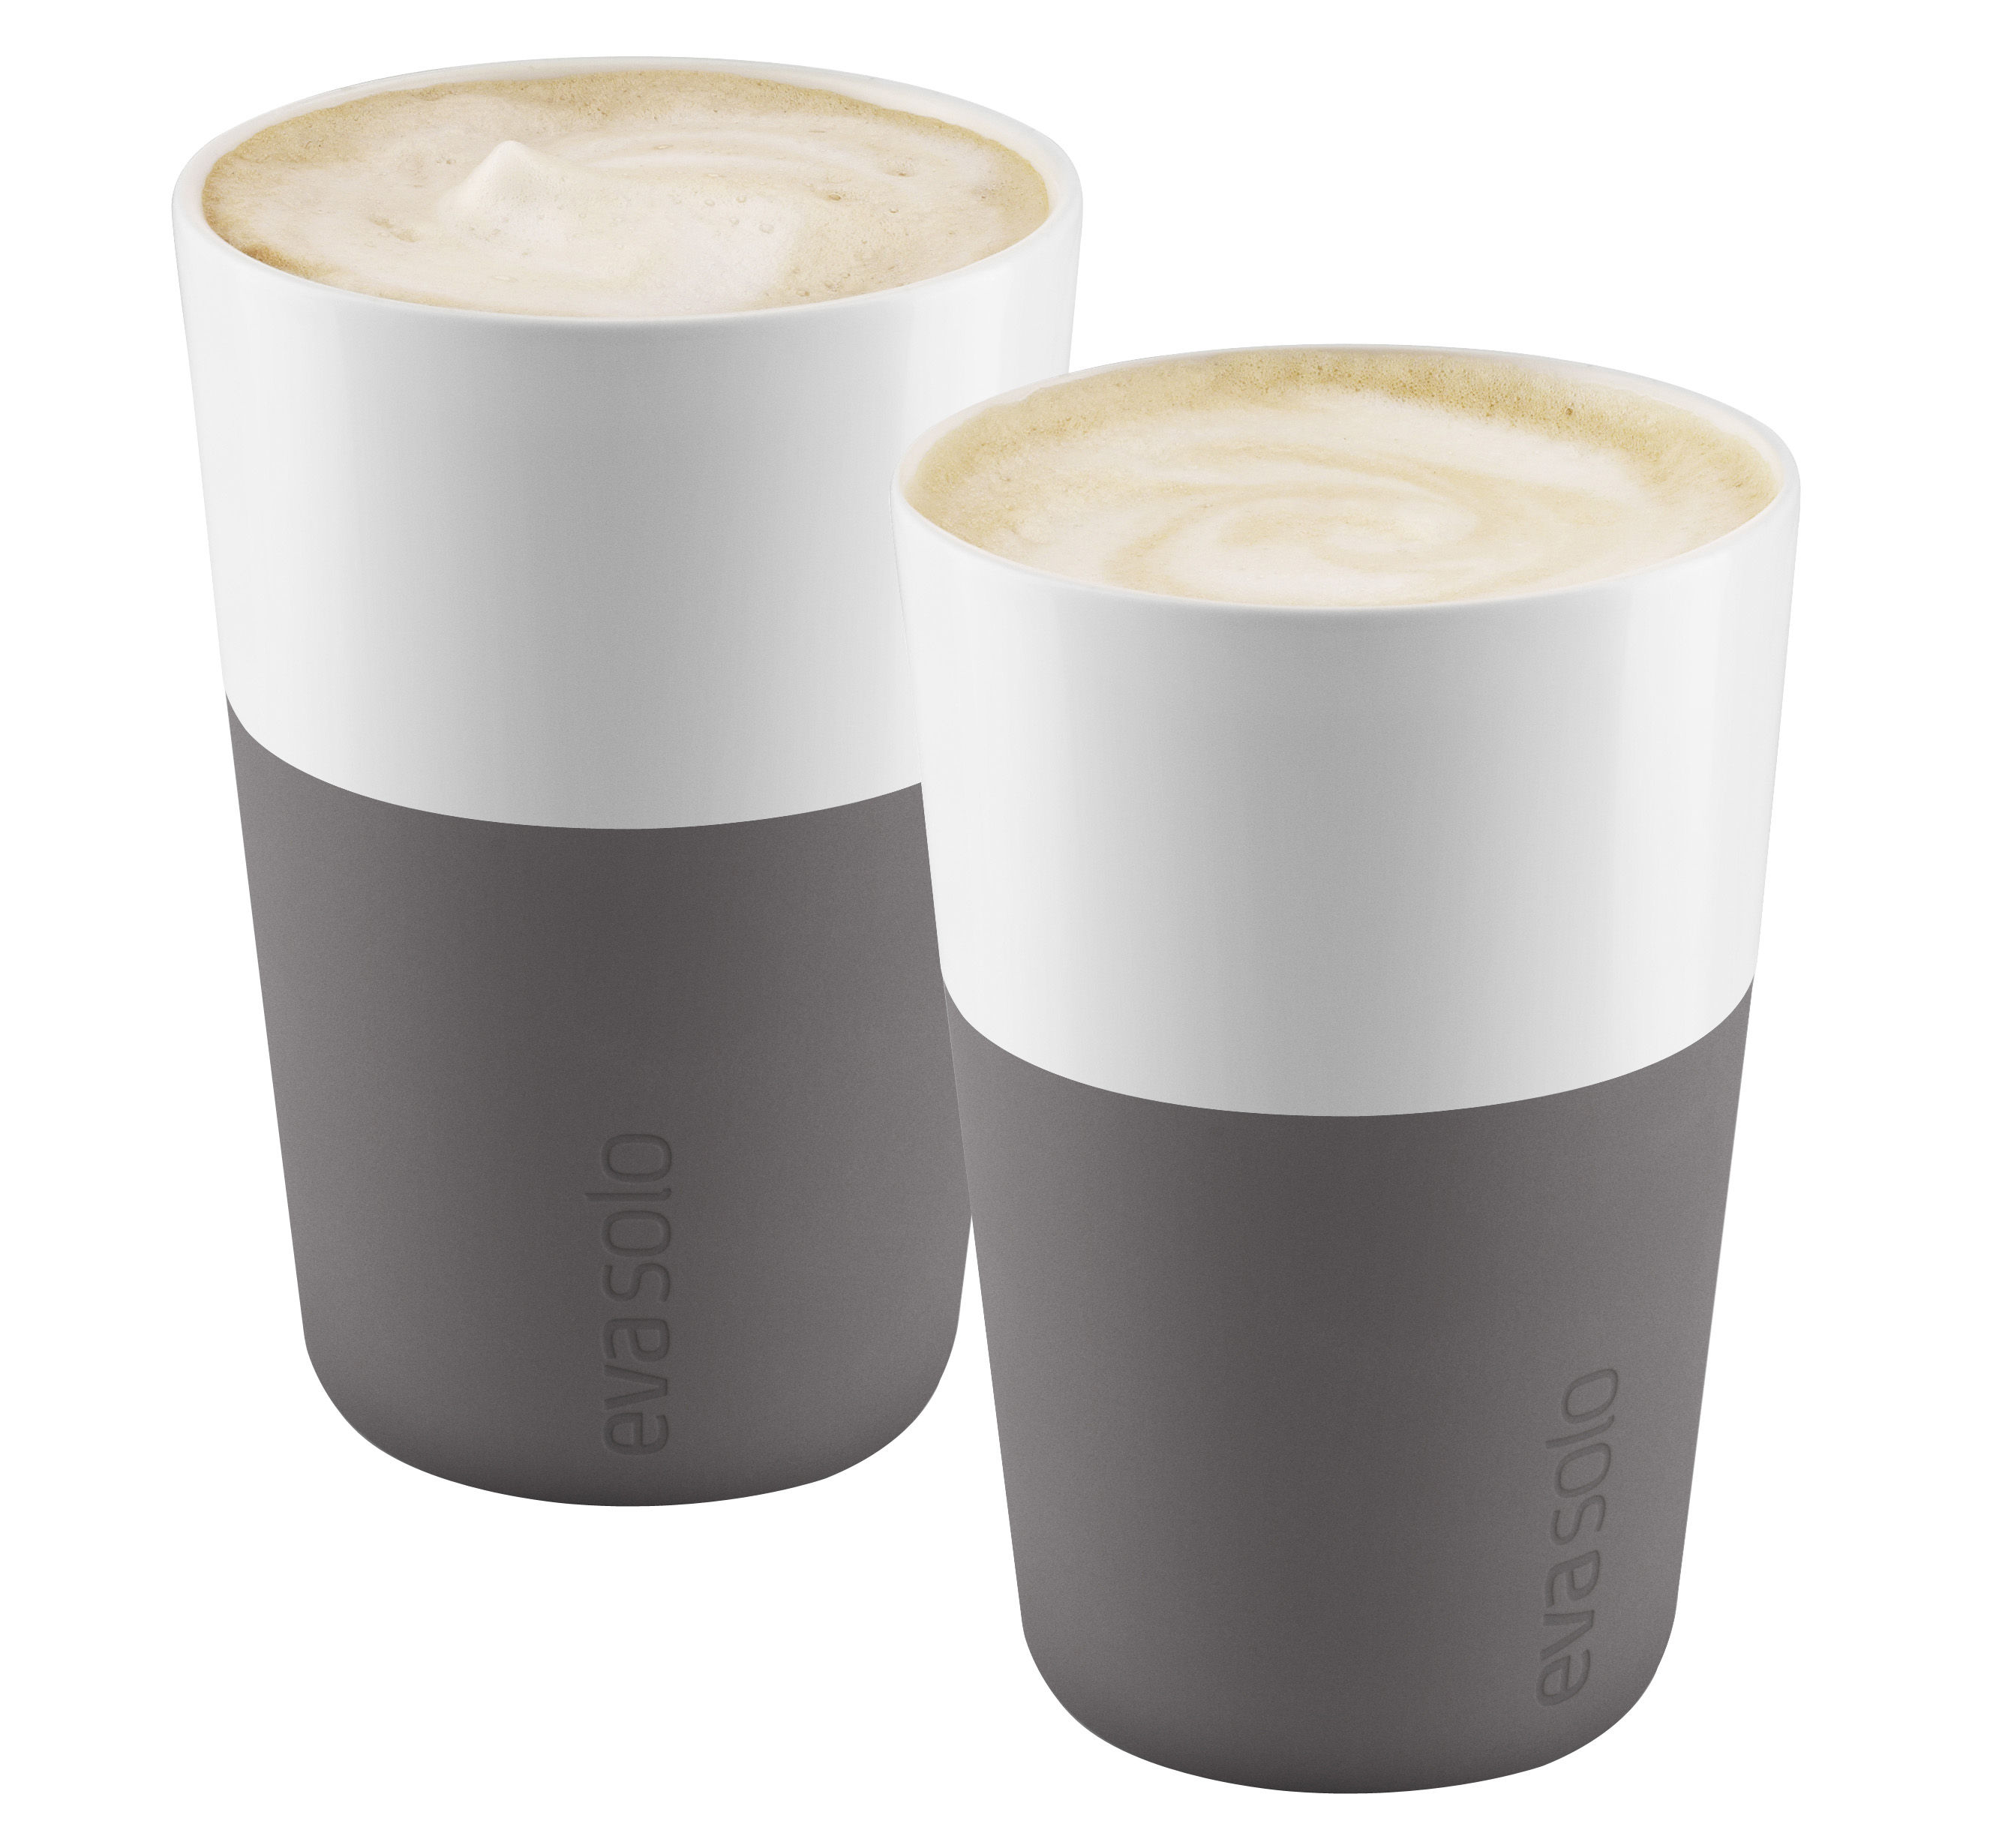 Arts de la table - Tasses et mugs - Mug Cafe Latte / Set de 2 - 360 ml - Eva Solo - Gris éléphant - Porcelaine, Silicone